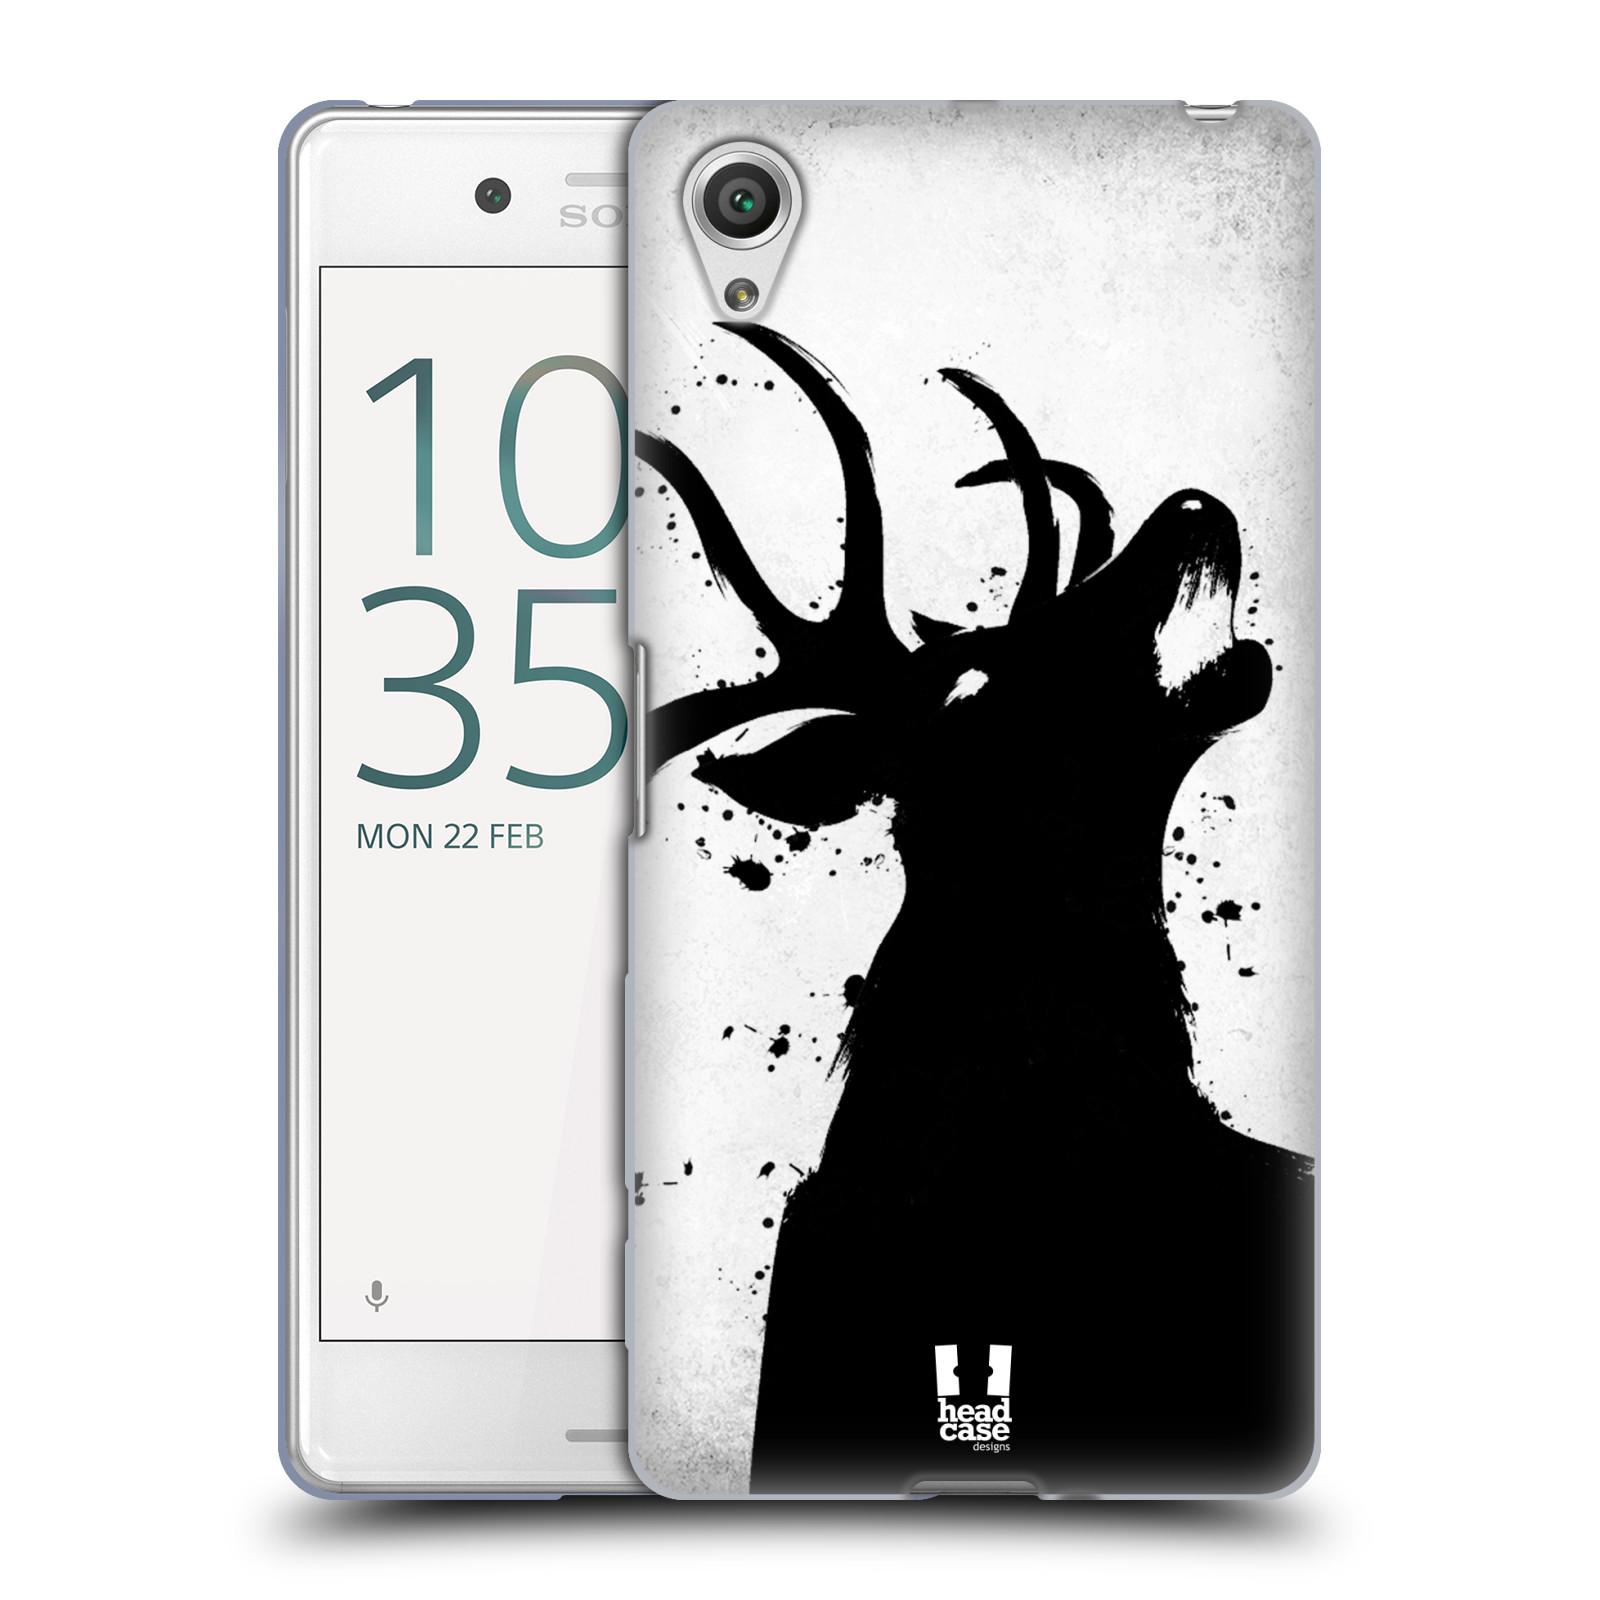 HEAD CASE silikonový obal na mobil Sony Xperia X PERFORMANCE (F8131, F8132) vzor Kresba tuš zvíře jelen